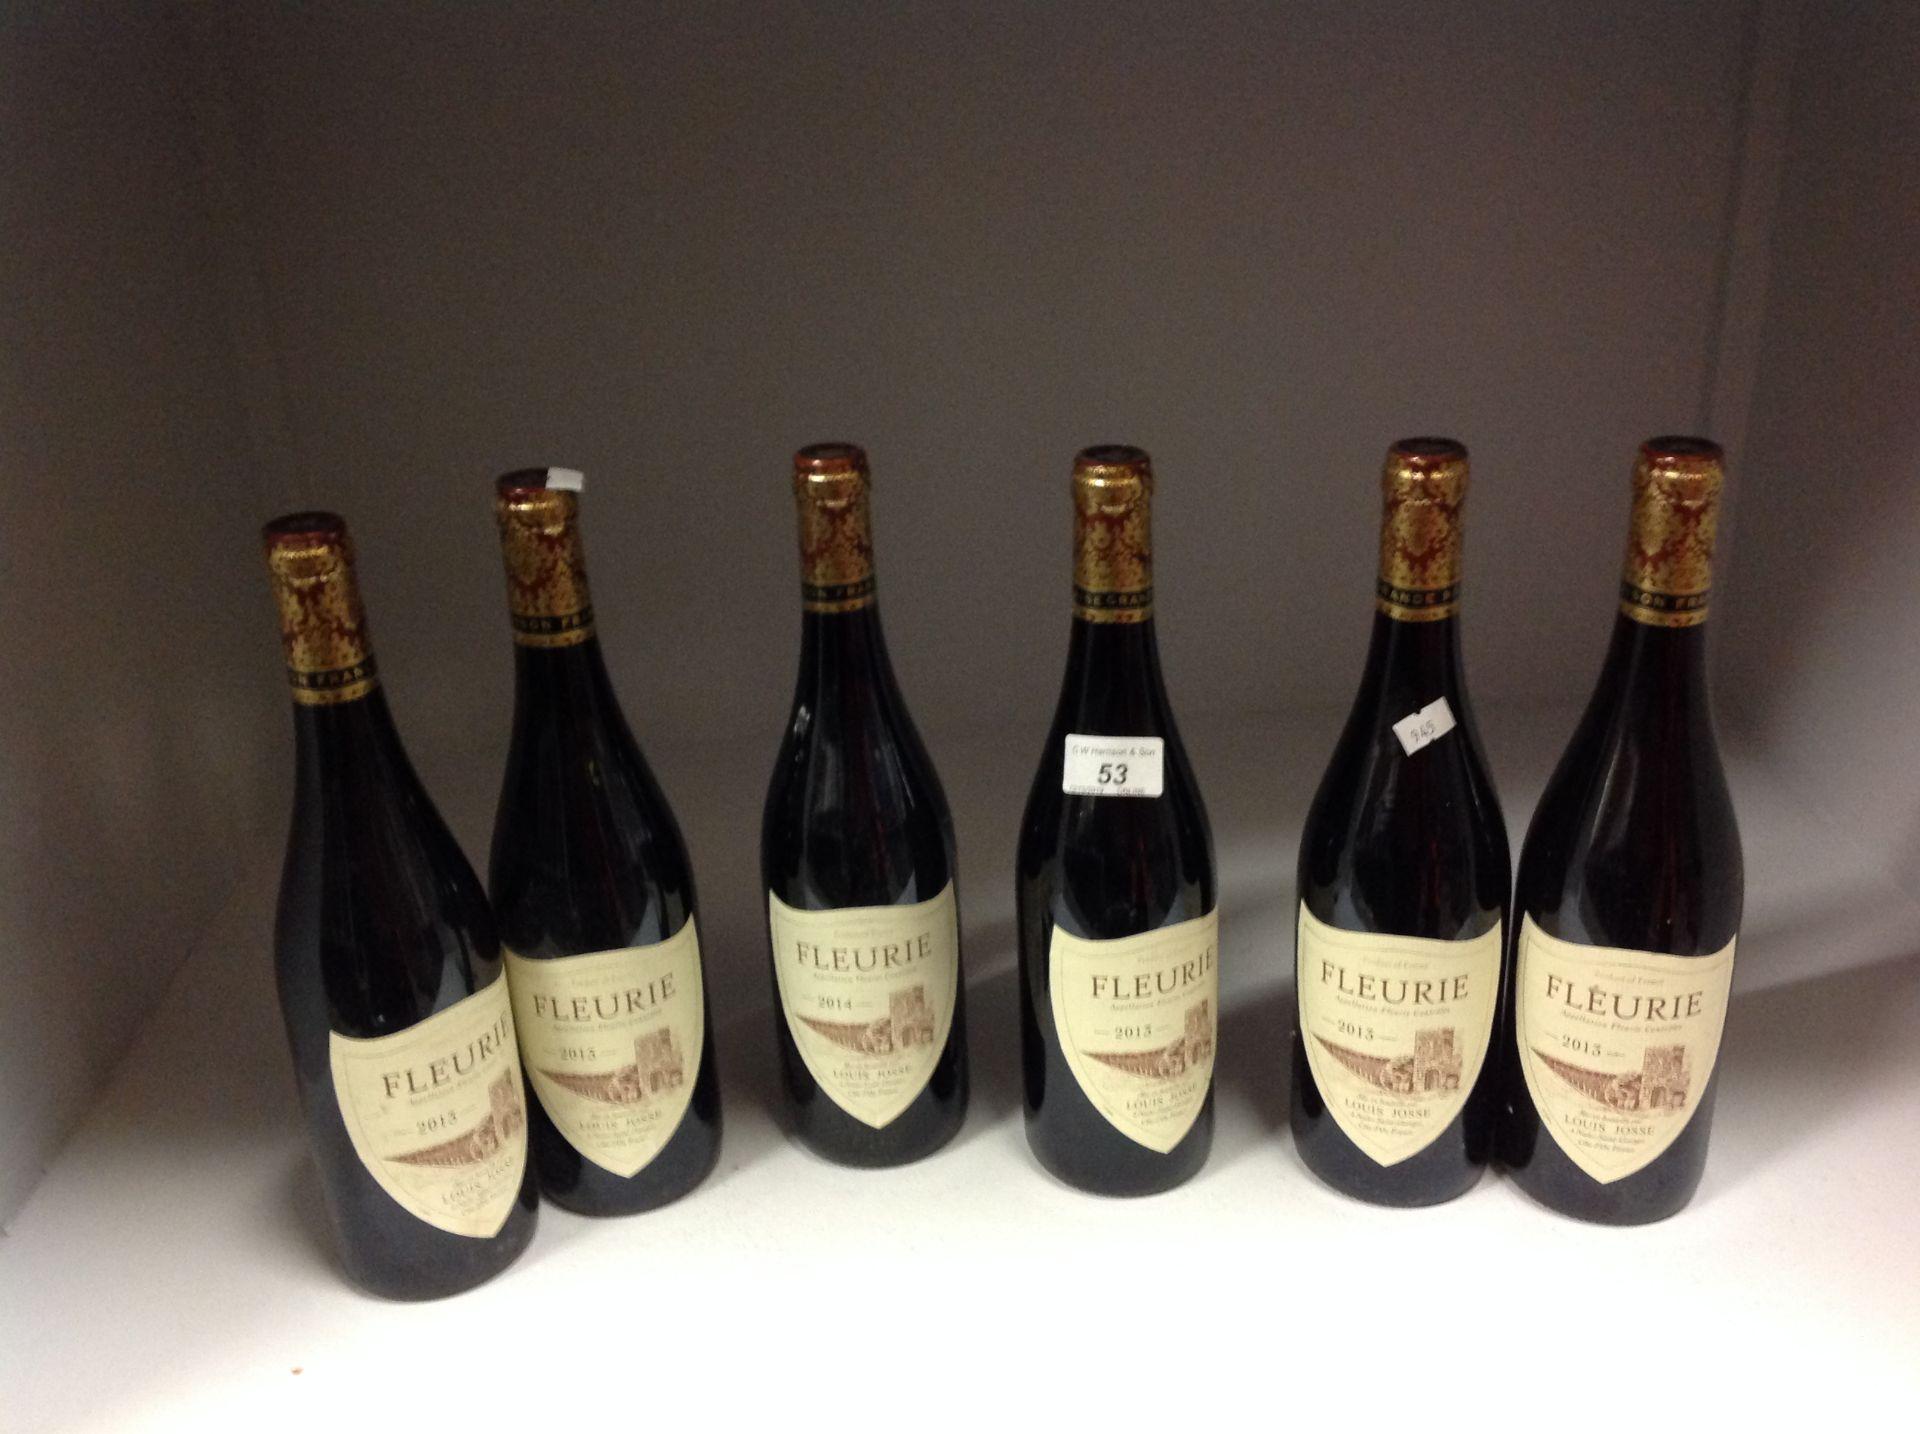 Lot 53 - 6 x 750ml bottles Louis Josse Fleurie